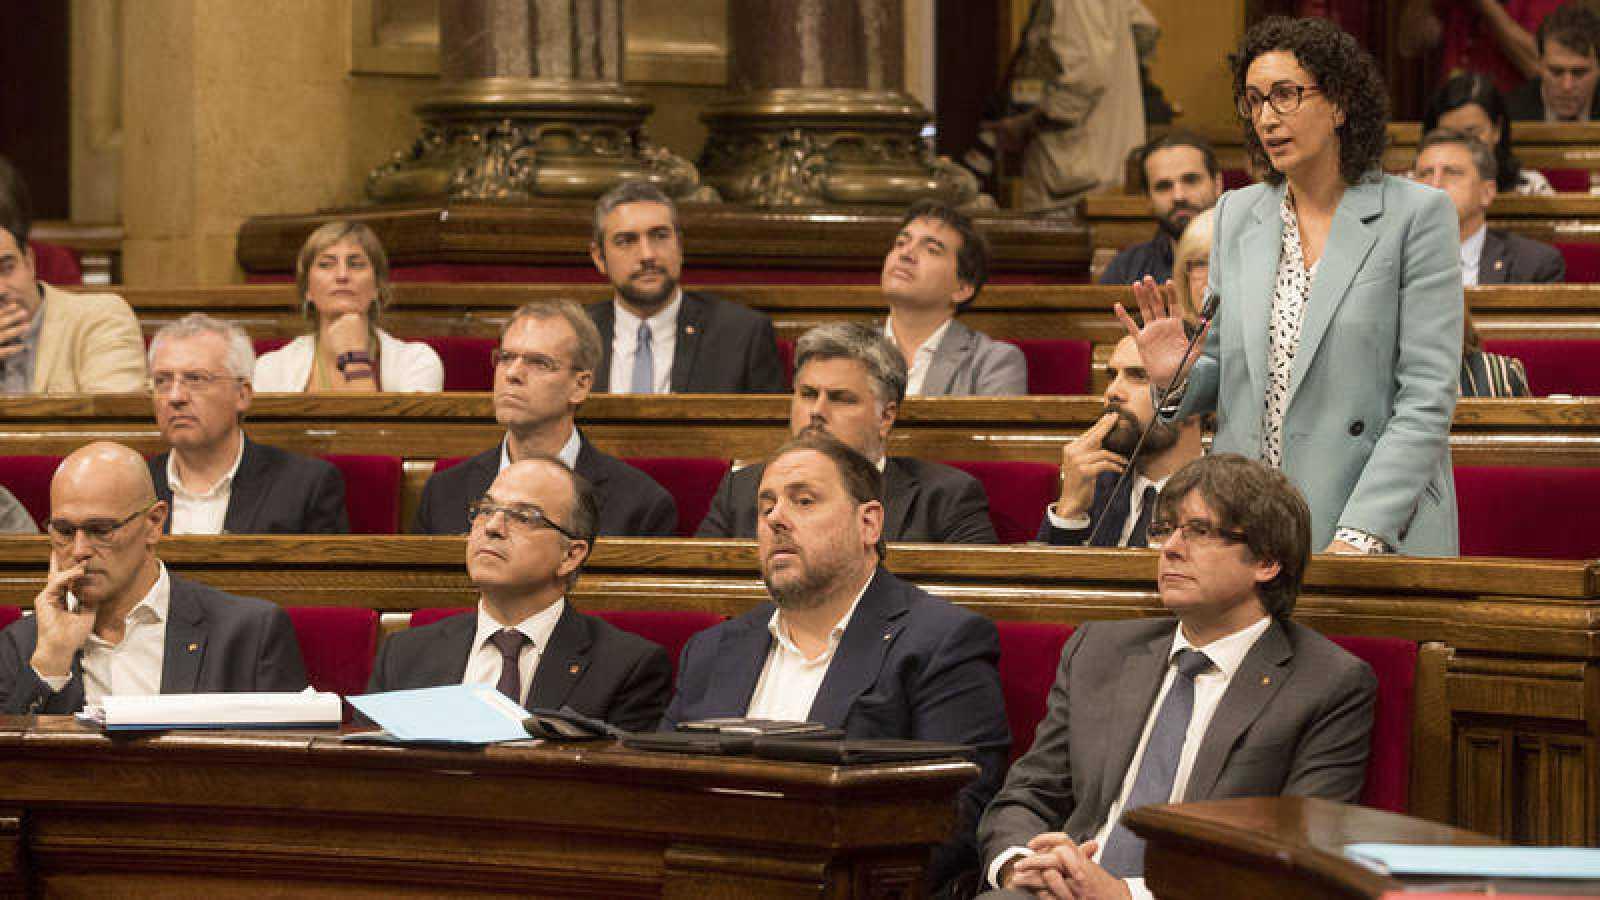 El pleno del Parlament de Cataluña, reunido en una sesión maratoniana y caótica.